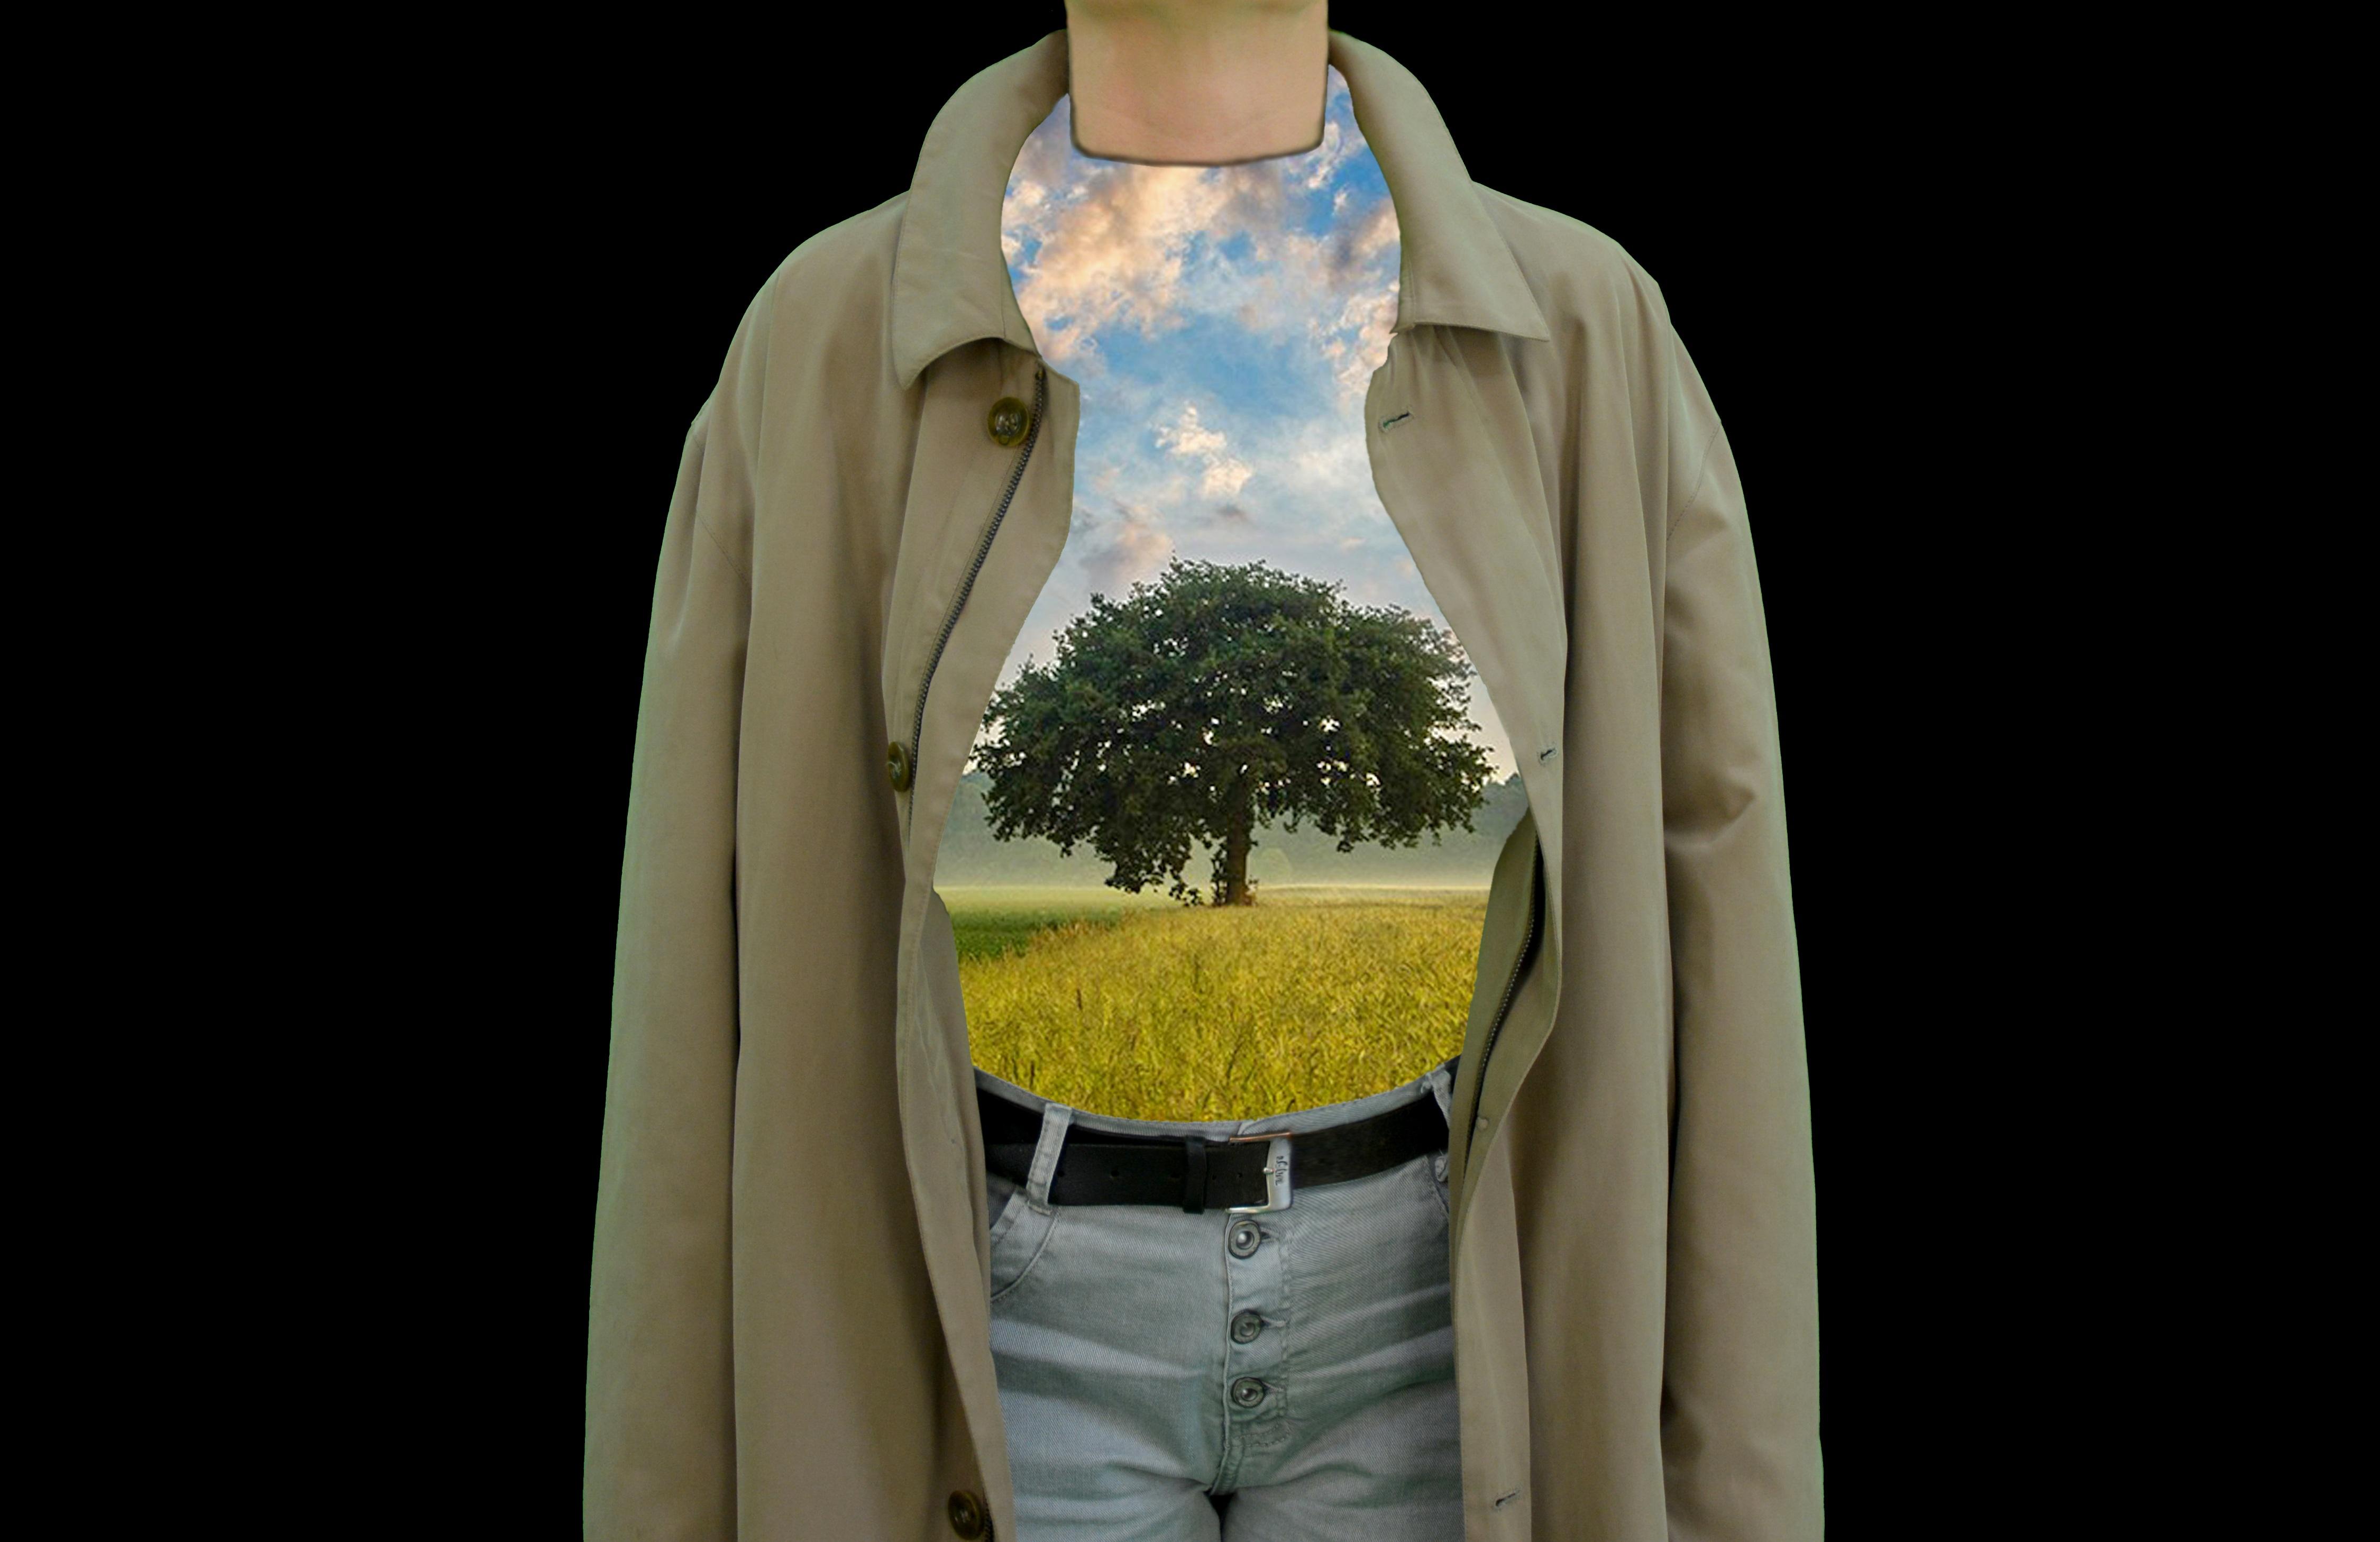 9e3826ea939855 ... bovenkleding, seizoen, jurk, buik, concept, japon, borst, gegroeid,  levend, boom van leven, formele kleding, fashion design, binnenste, Alles  groeit ...